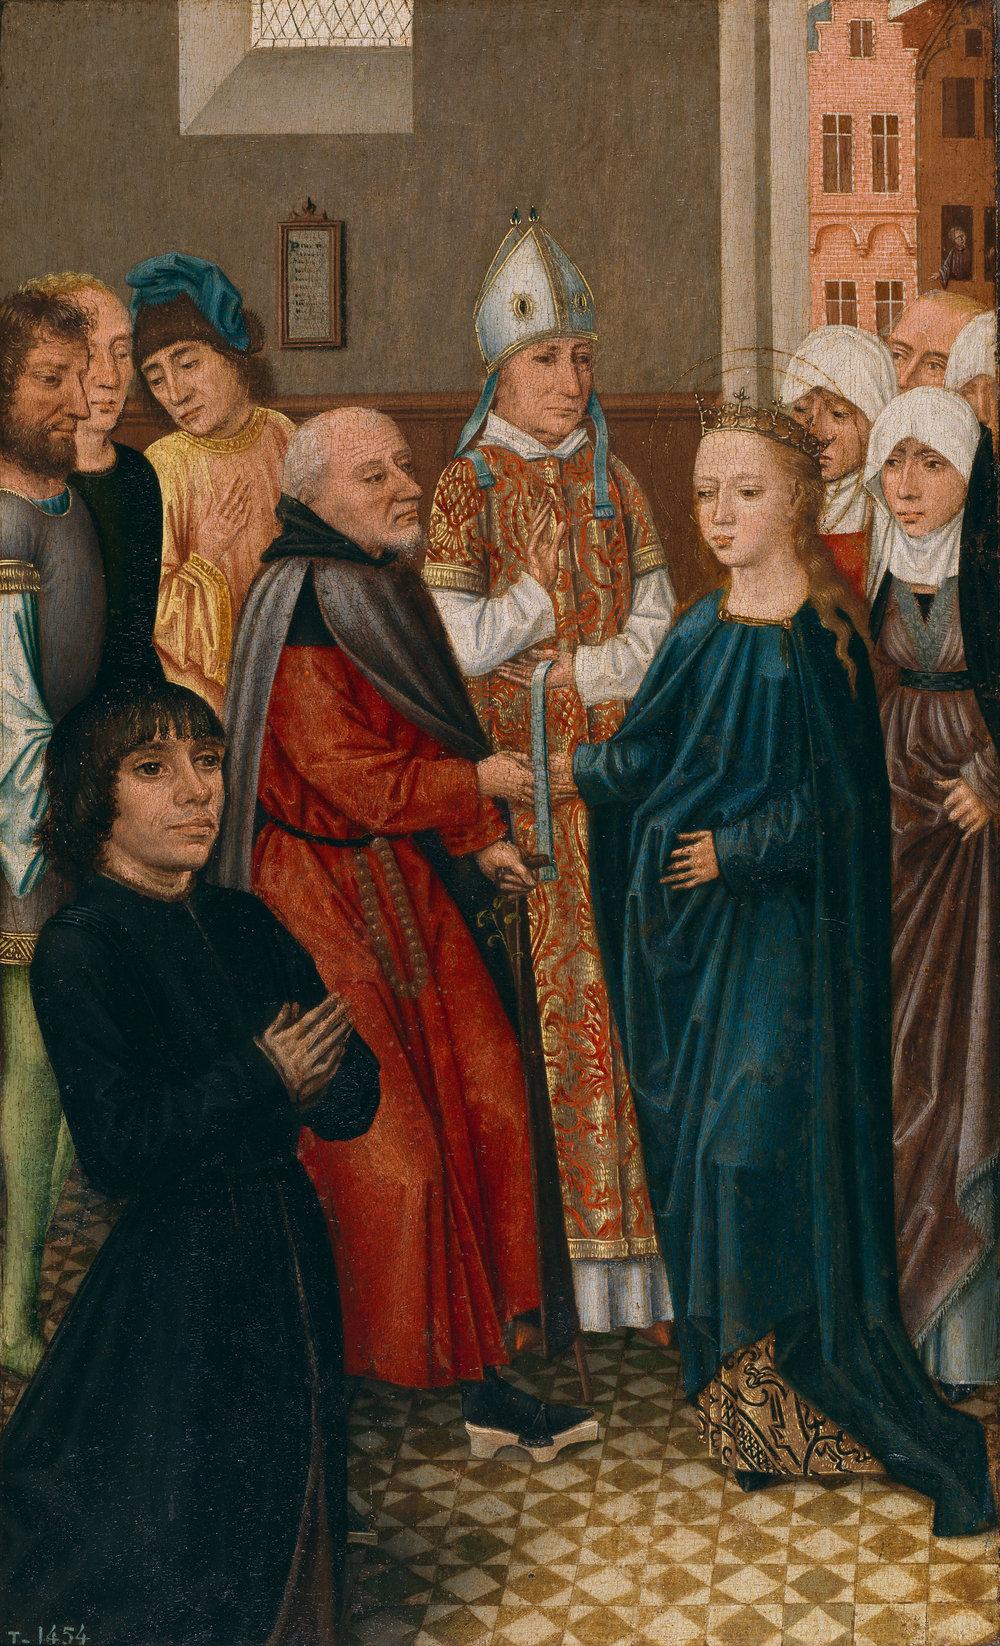 Los desposorios de la Virgen   Maestro de la Leyenda de Santa Catalina  1470-1500 Óleo sobre tabla. 45x29 cm. Madrid, Museo Nacional del Prado